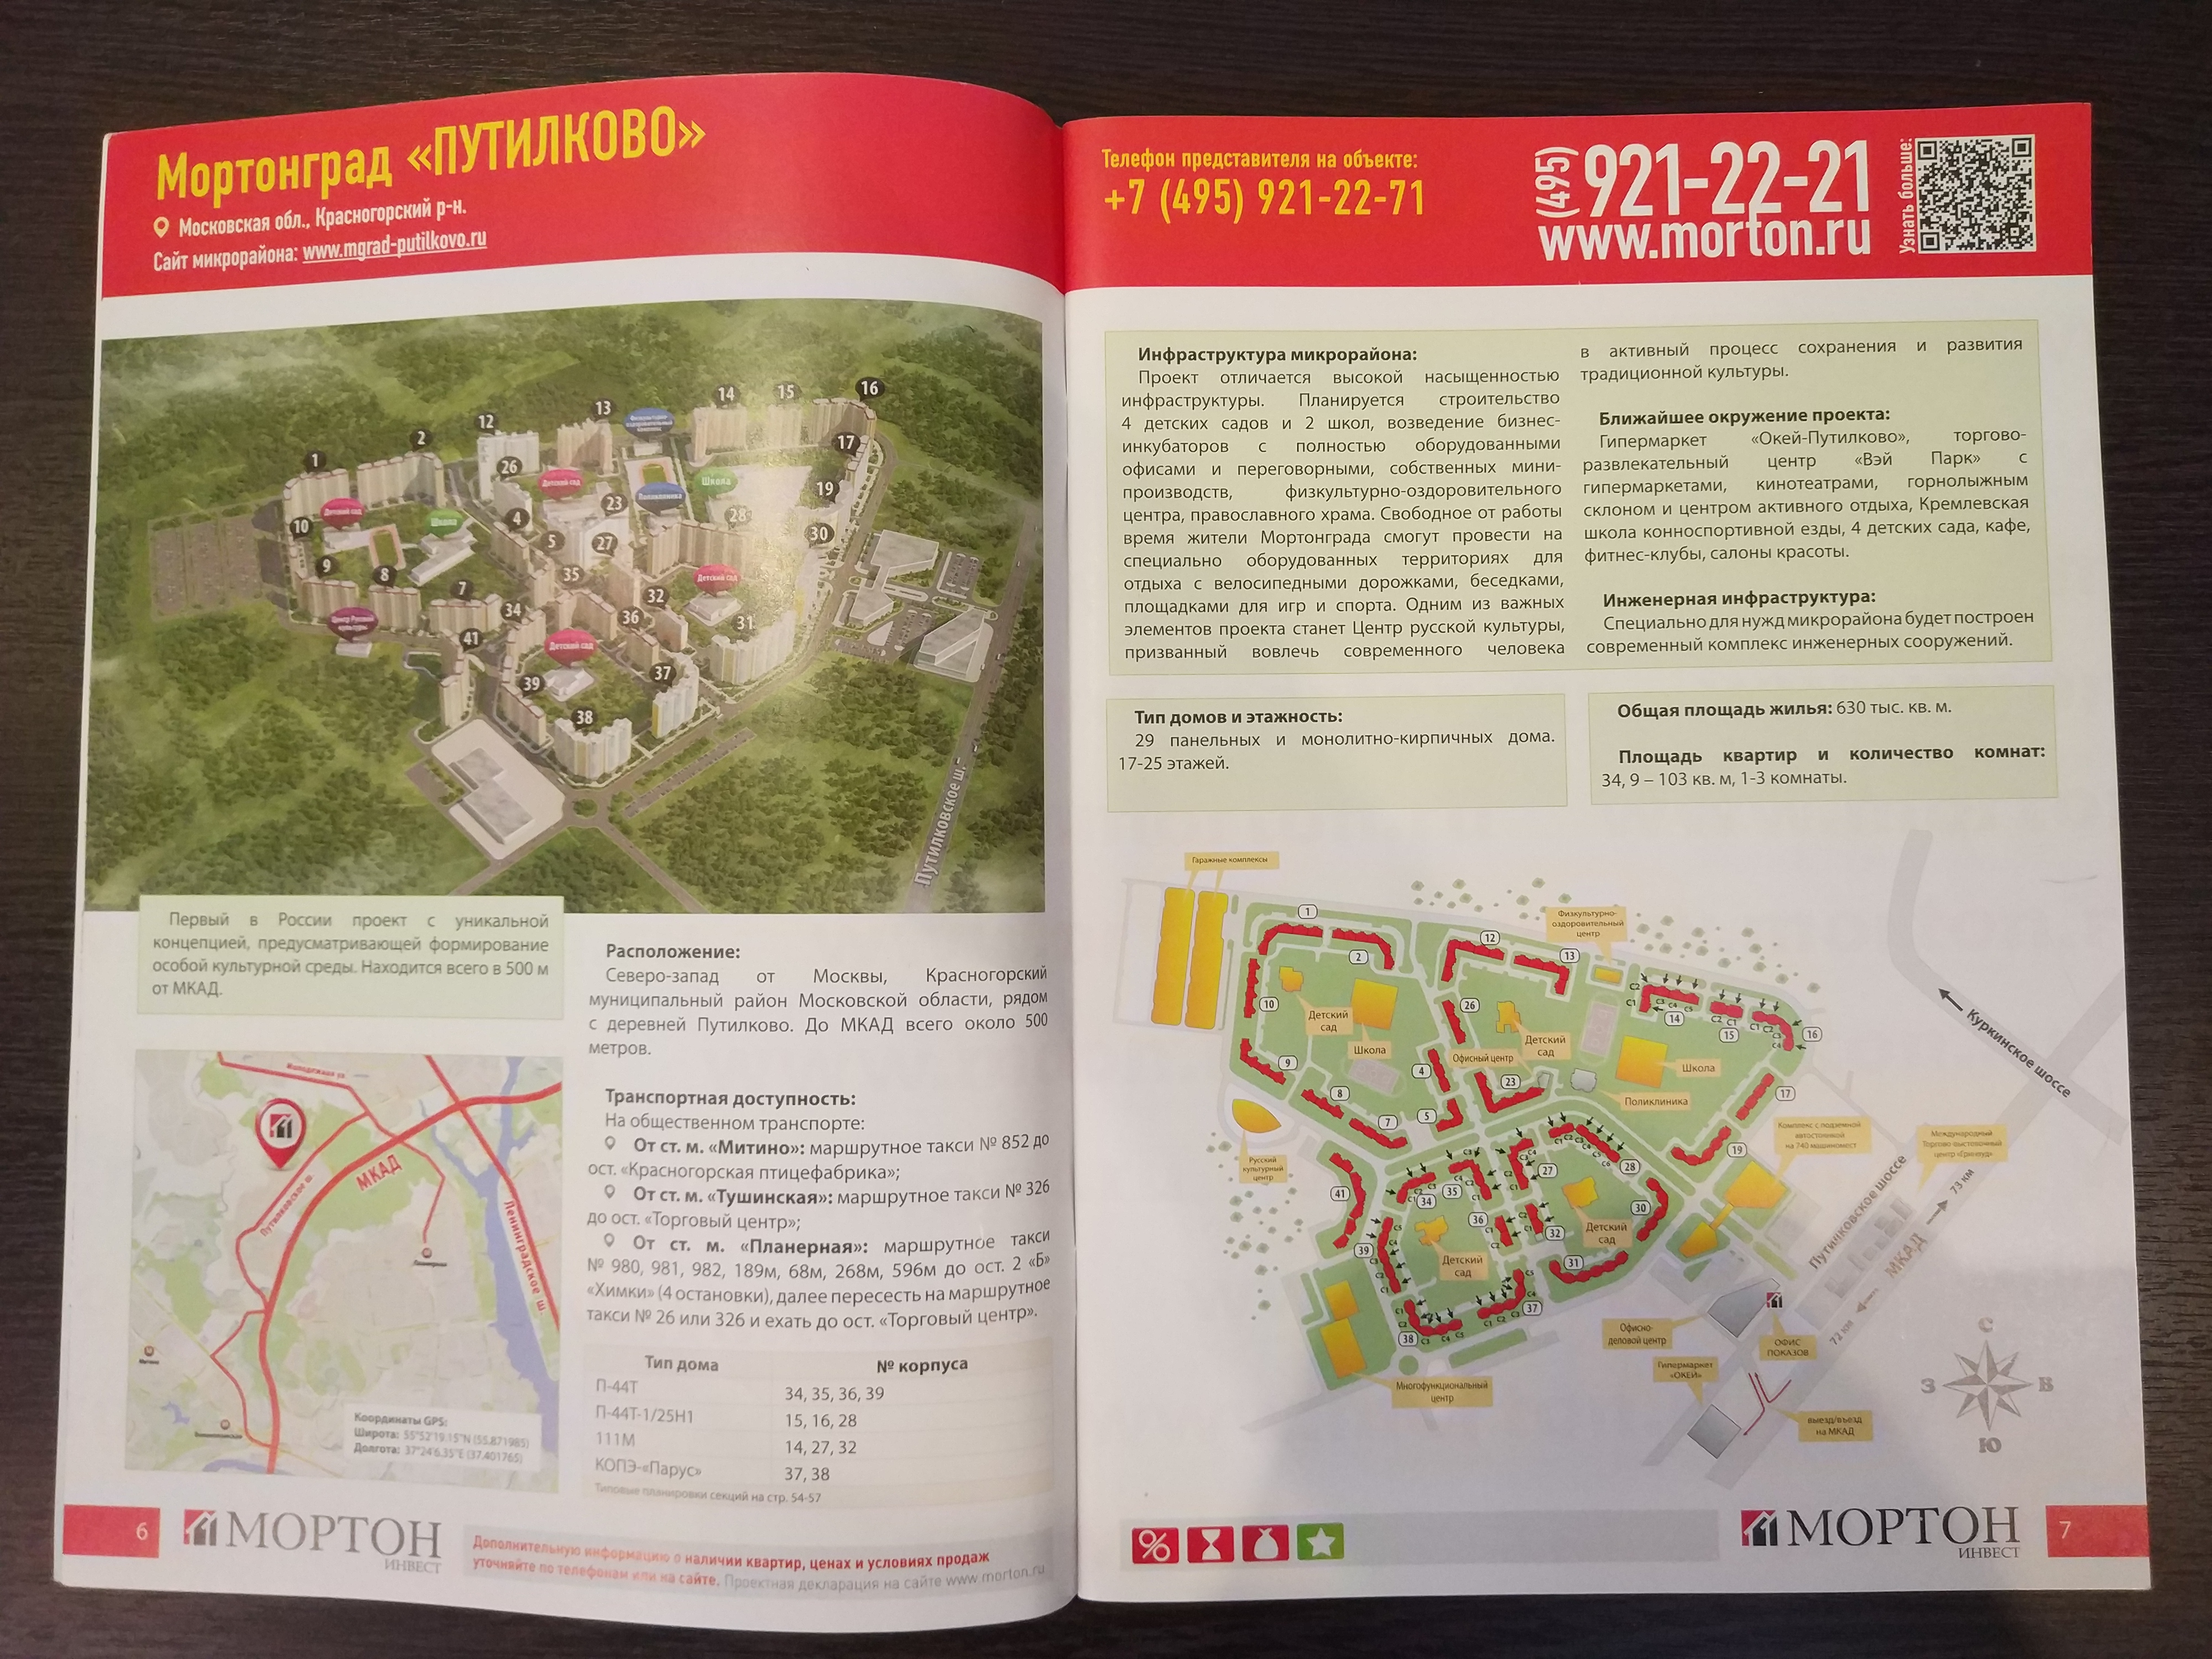 Мортонград Путилково: генплан от Мортона (в журнале)